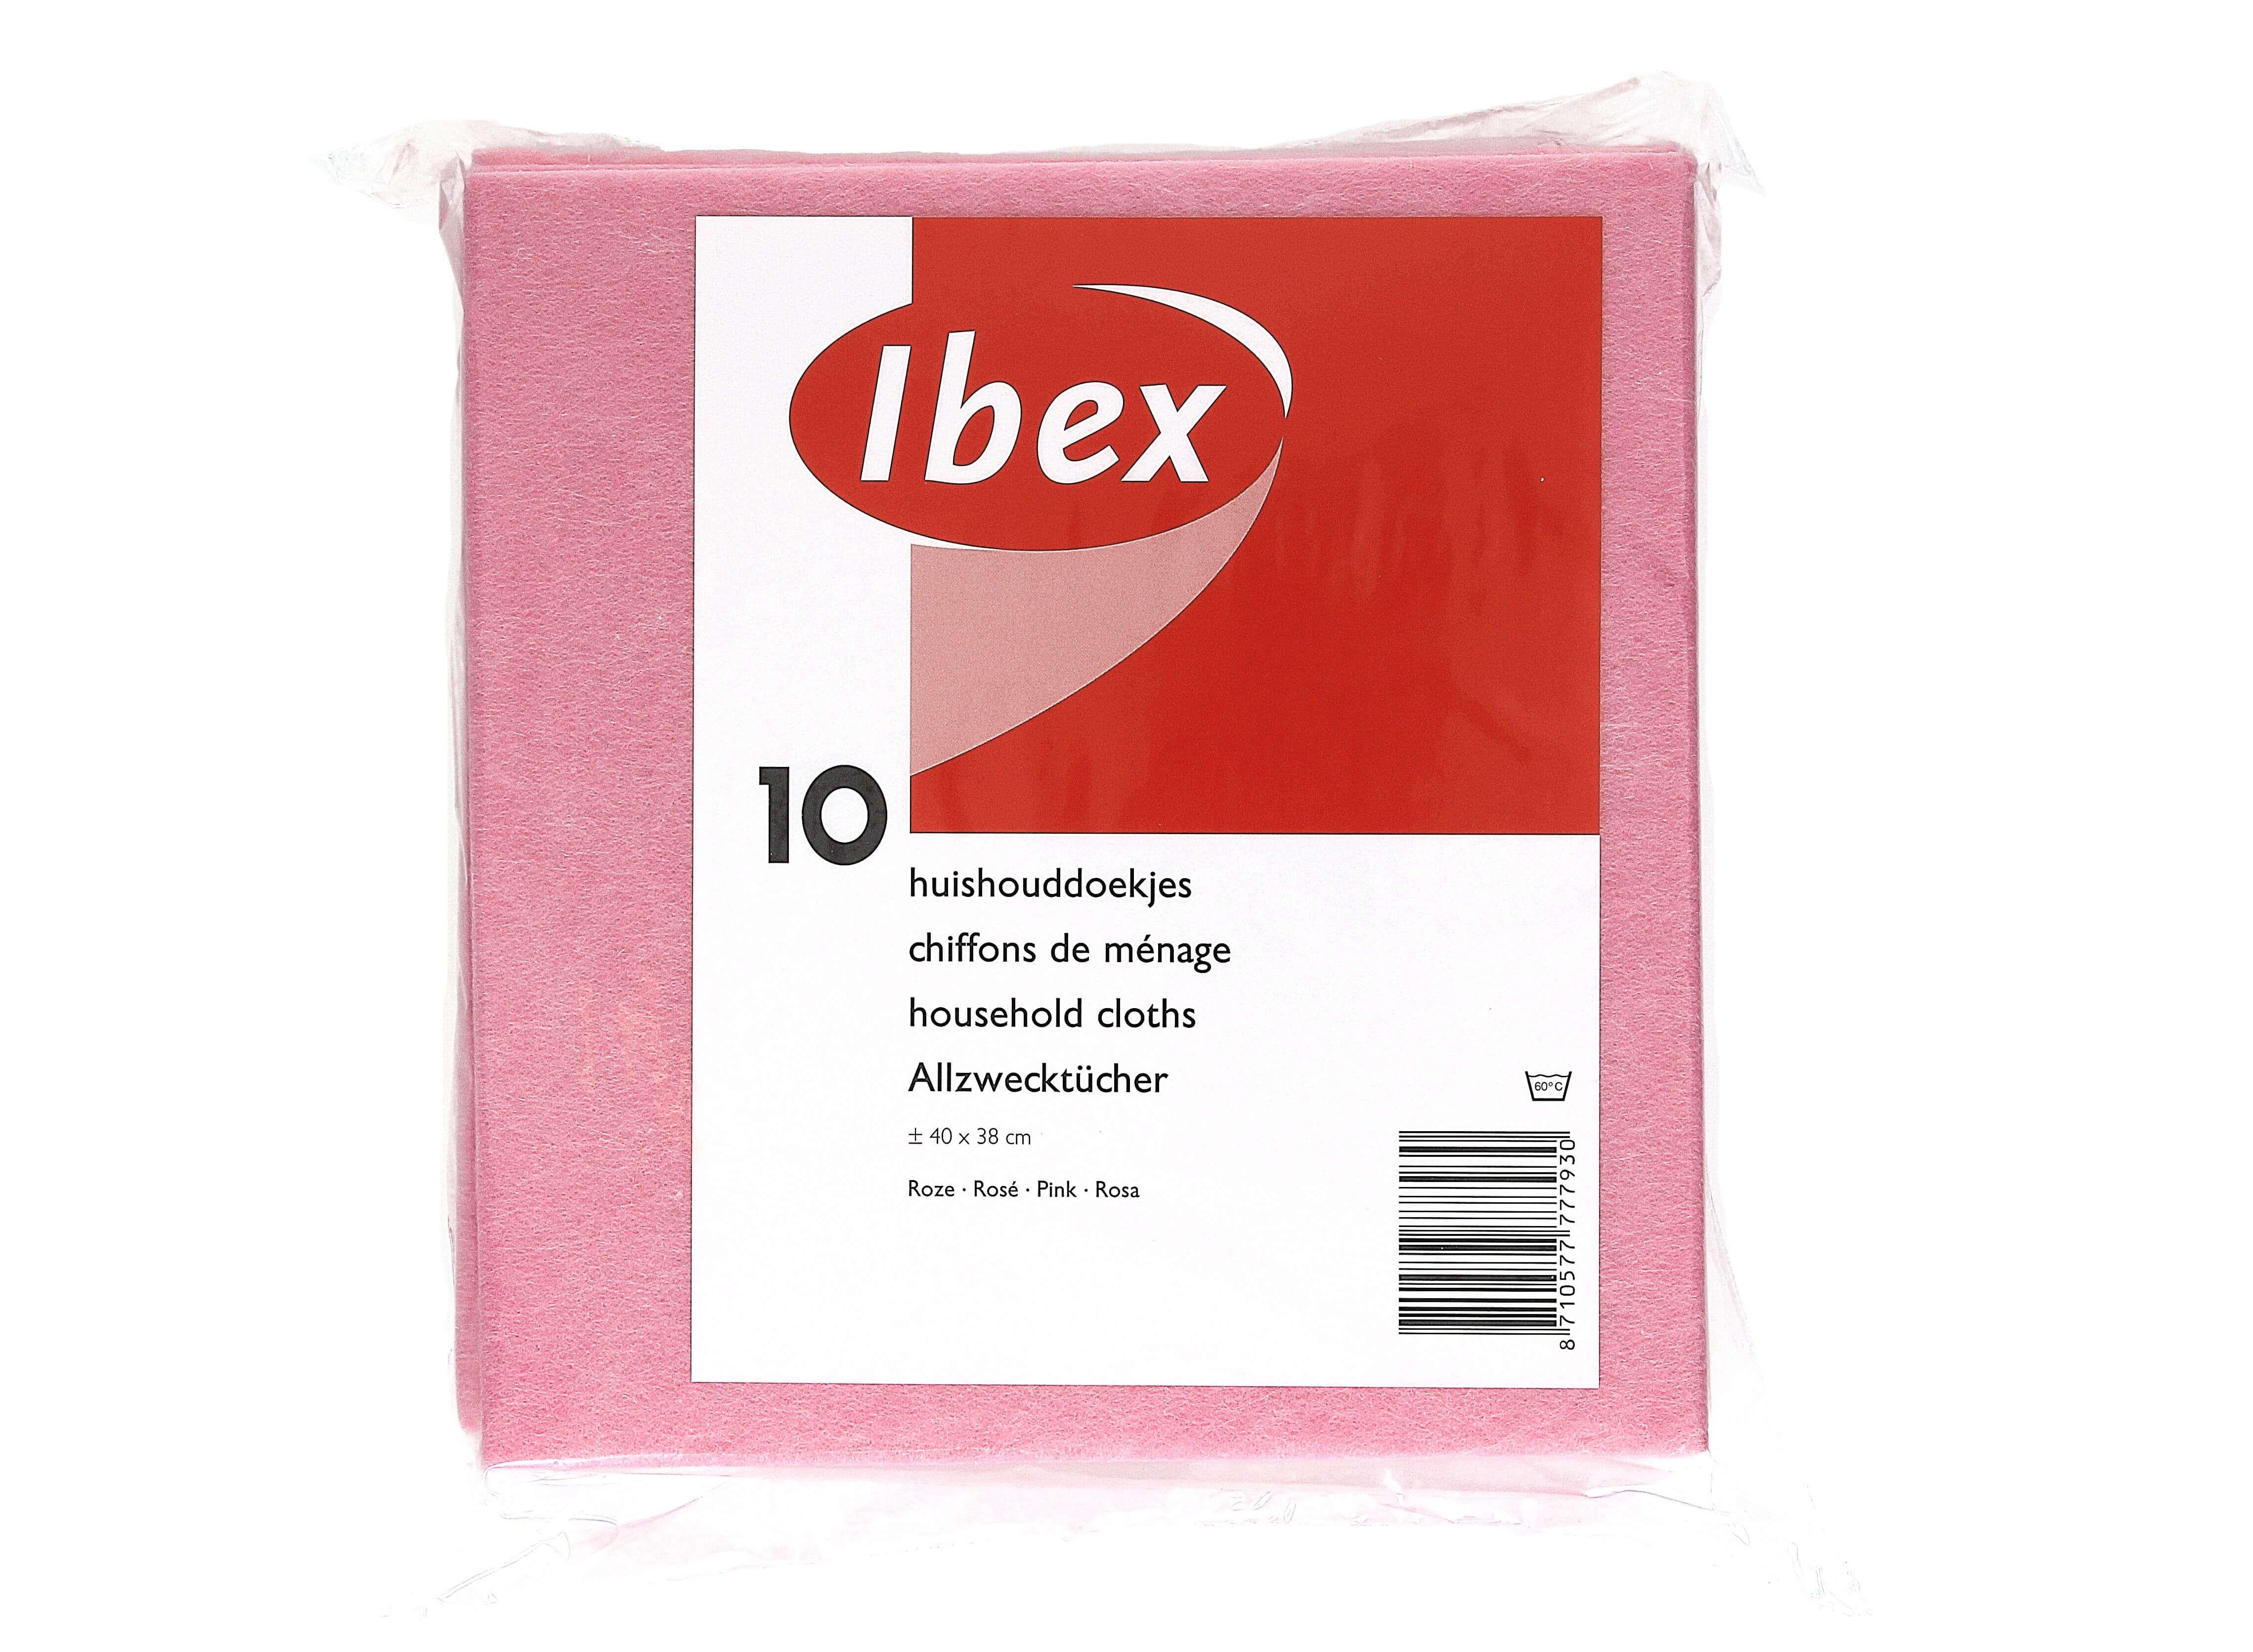 Huishouddoekjes roze viscose, 10 stuks